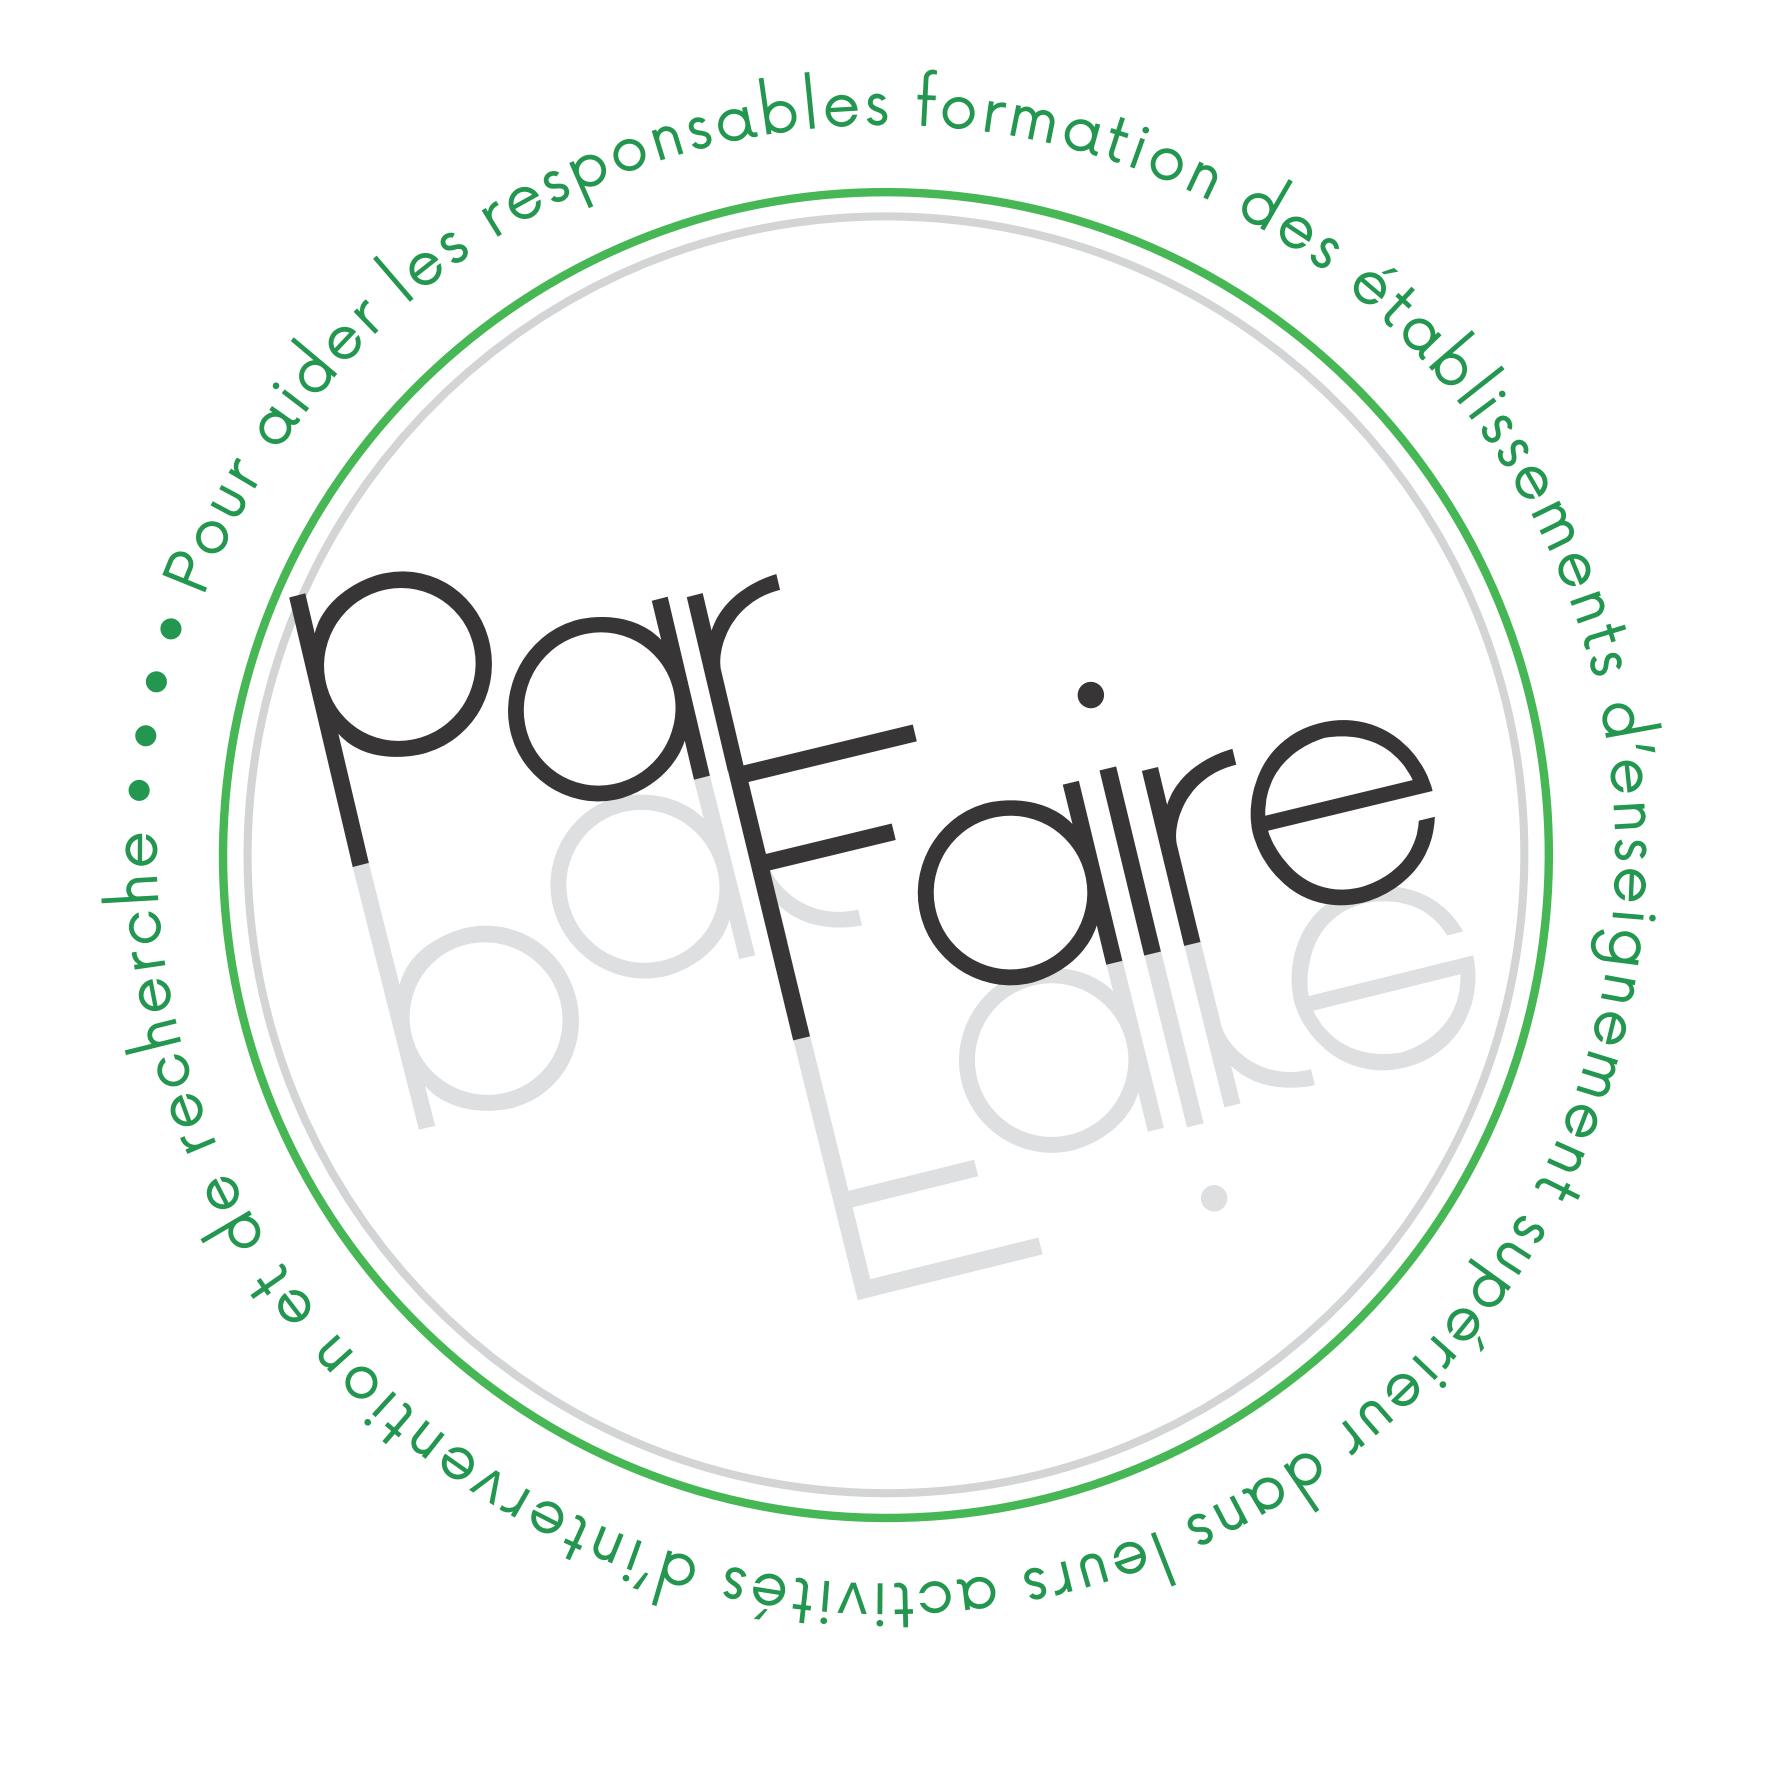 Logo_ParfaireVectorise_u_1_01.png